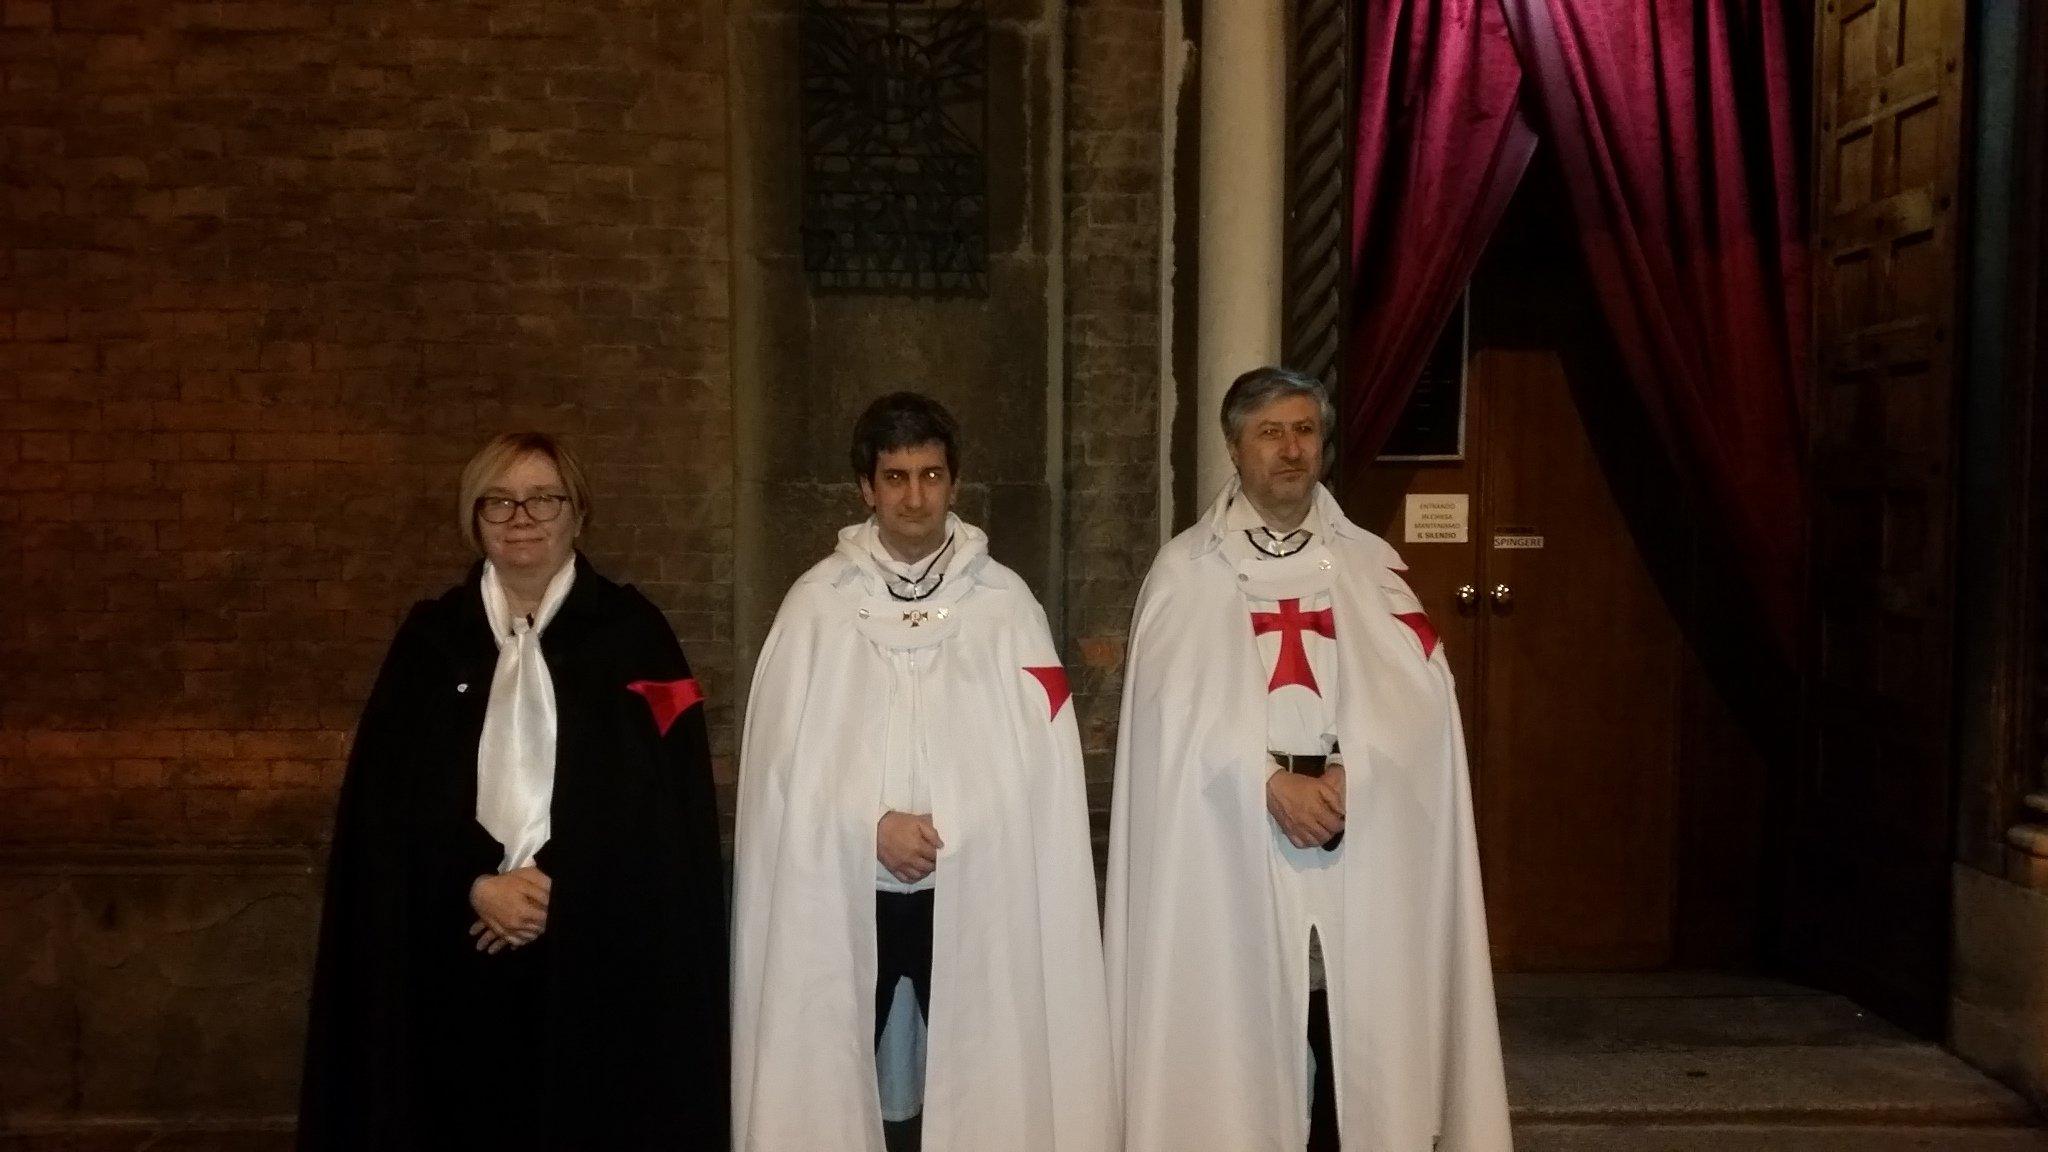 Chiesa di San Donnino - Piacenza - Templari Cattolici foto4